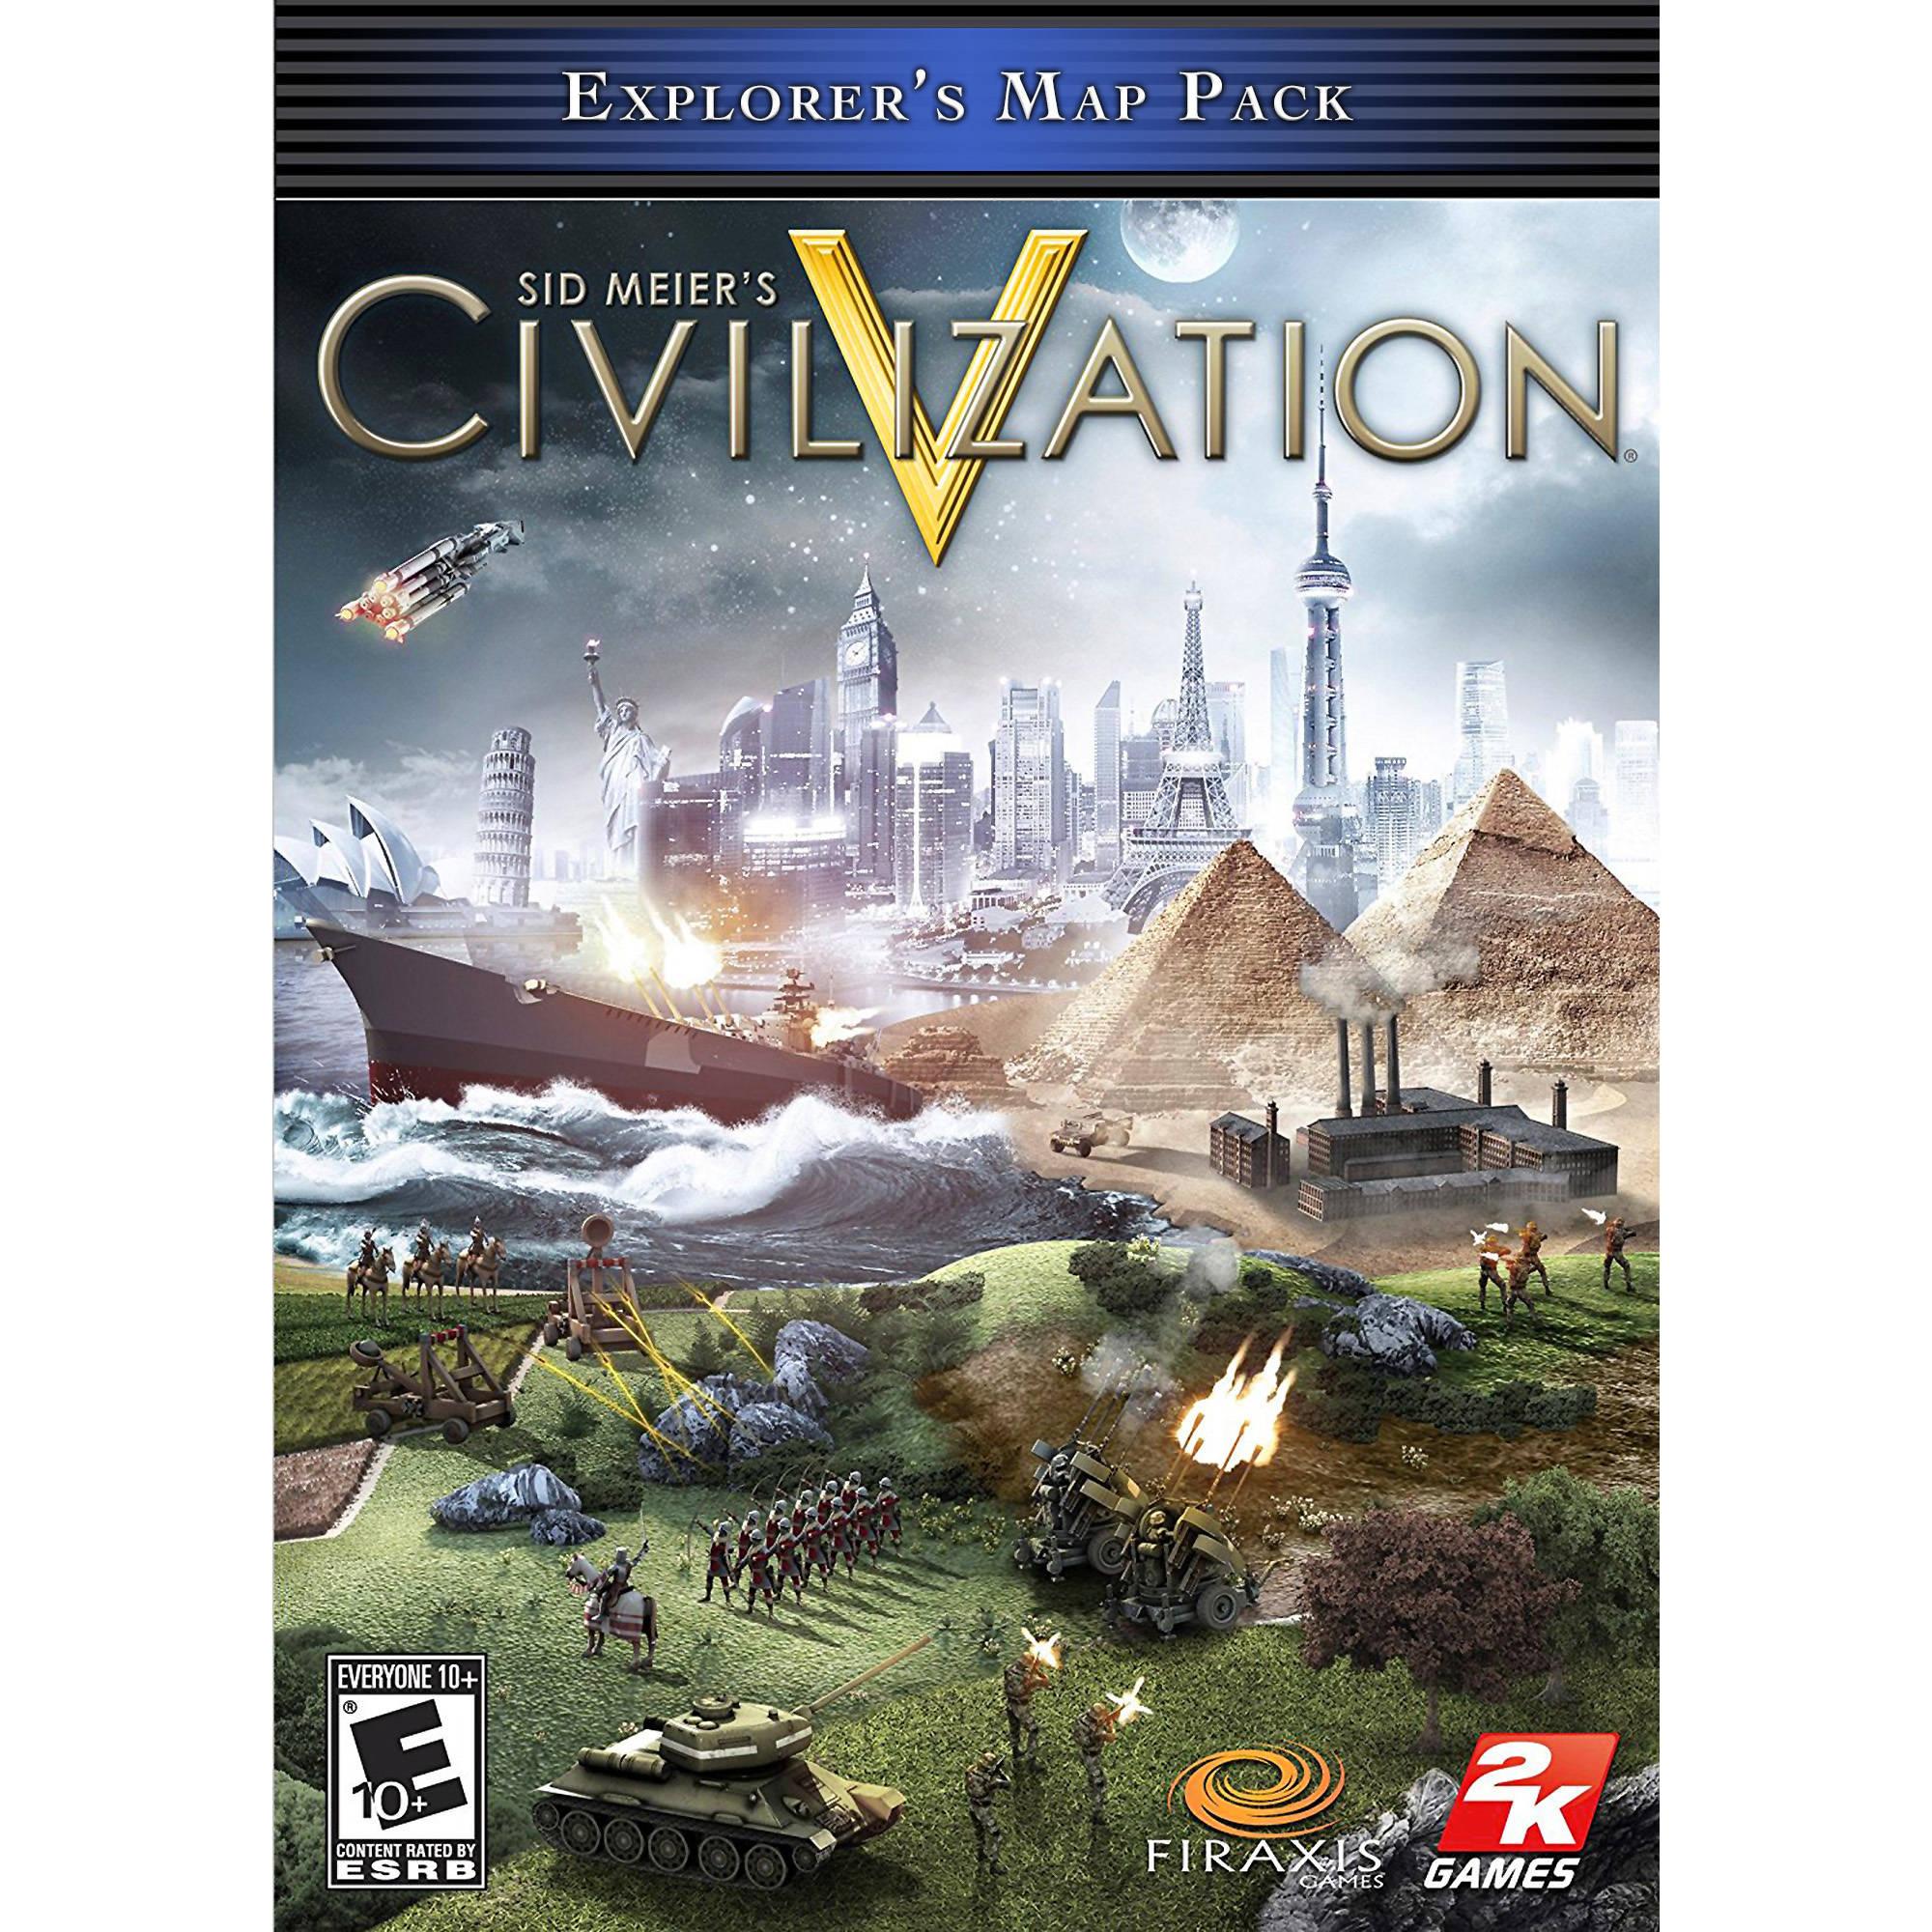 Sid Meier's Civilization V Explorer's Map Pack (PC) (Digital Download)